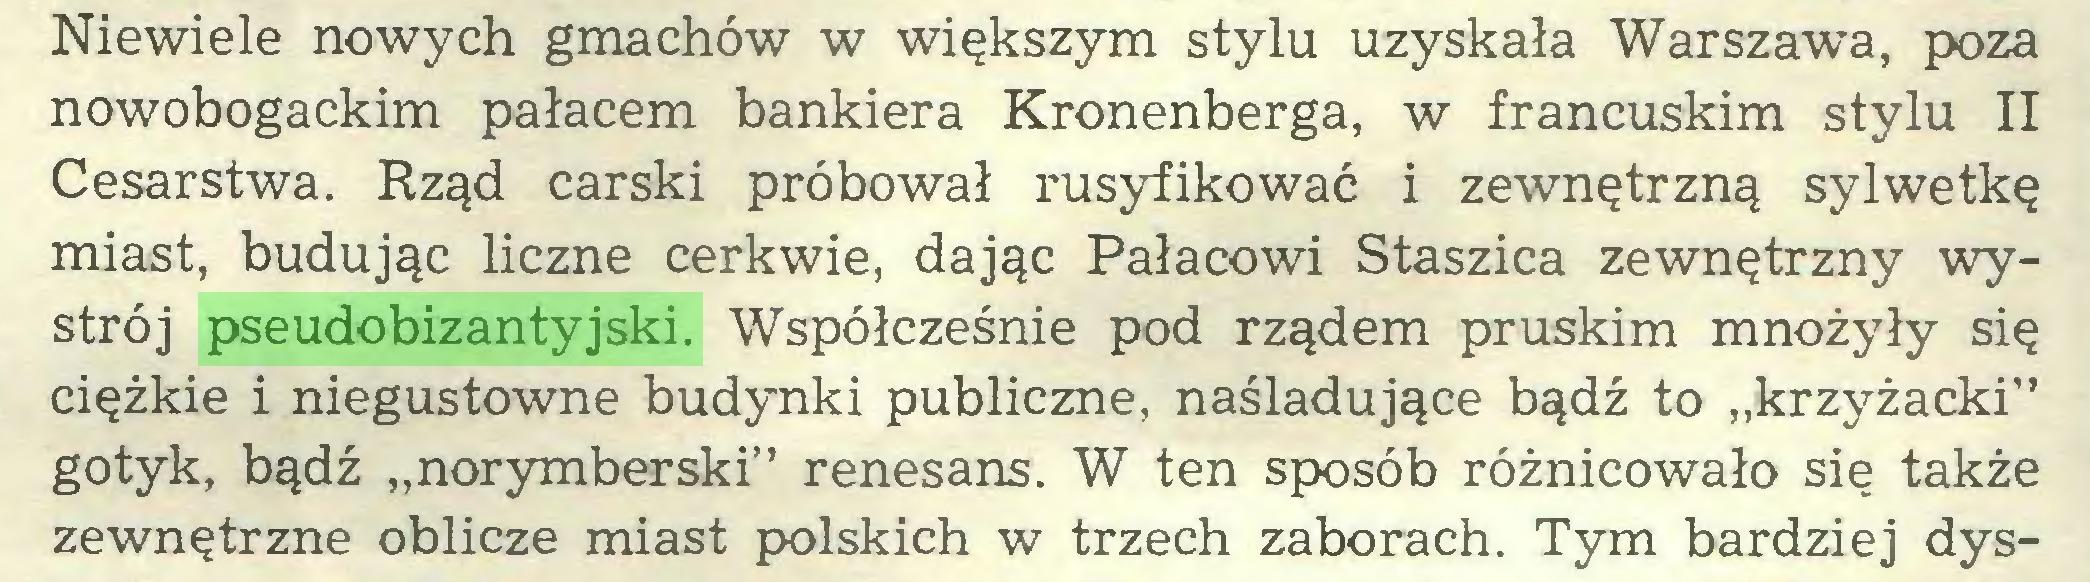 """(...) Niewiele nowych gmachów w większym stylu uzyskała Warszawa, poza nowobogackim pałacem bankiera Kronenberga, w francuskim stylu II Cesarstwa. Rząd carski próbował rusyfikować i zewnętrzną sylwetkę miast, budując liczne cerkwie, dając Pałacowi Staszica zewnętrzny wystrój pseudobizantyjski. Współcześnie pod rządem pruskim mnożyły się ciężkie i niegustowne budynki publiczne, naśladujące bądź to """"krzyżacki"""" gotyk, bądź """"norymberski"""" renesans. W ten sposób różnicowało się także zewnętrzne oblicze miast polskich w trzech zaborach. Tym bardziej dys..."""